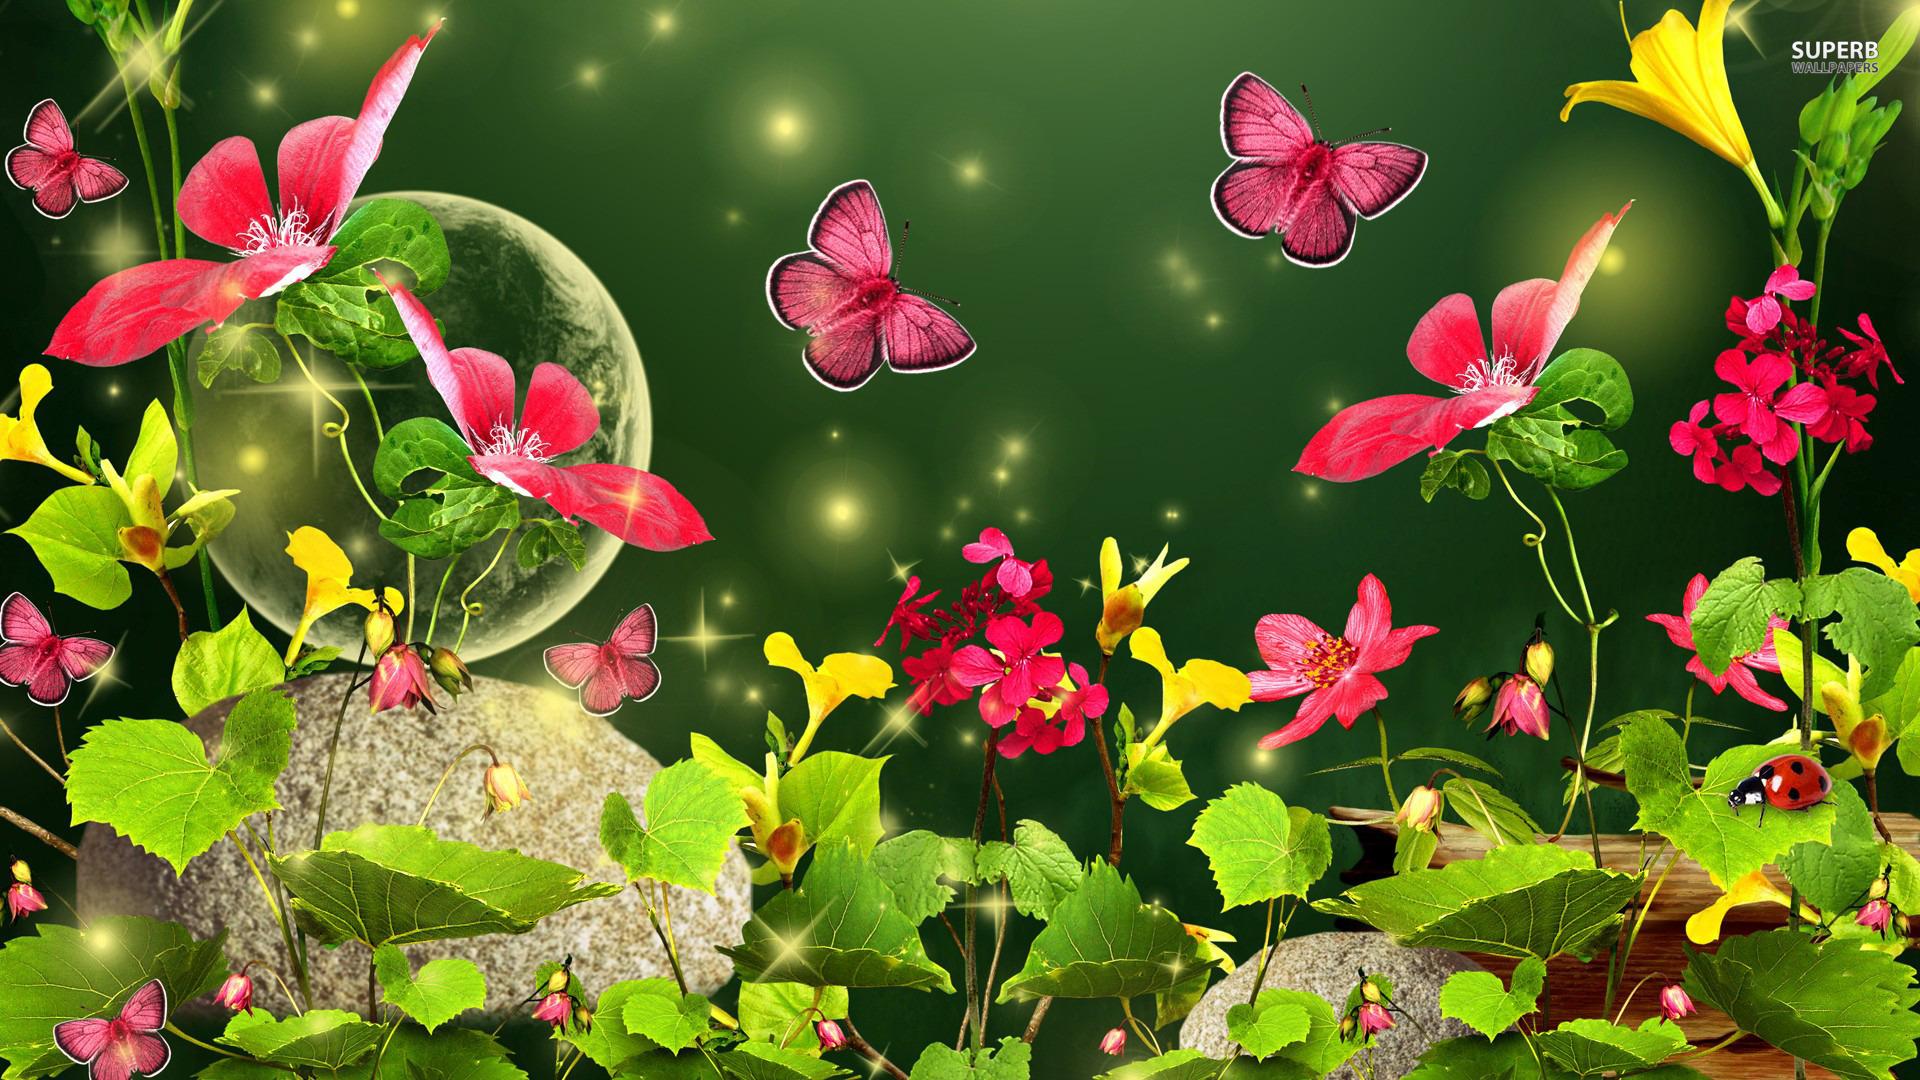 Awesome Butterflies Butterflies Wallpaper 40609249 Fanpop